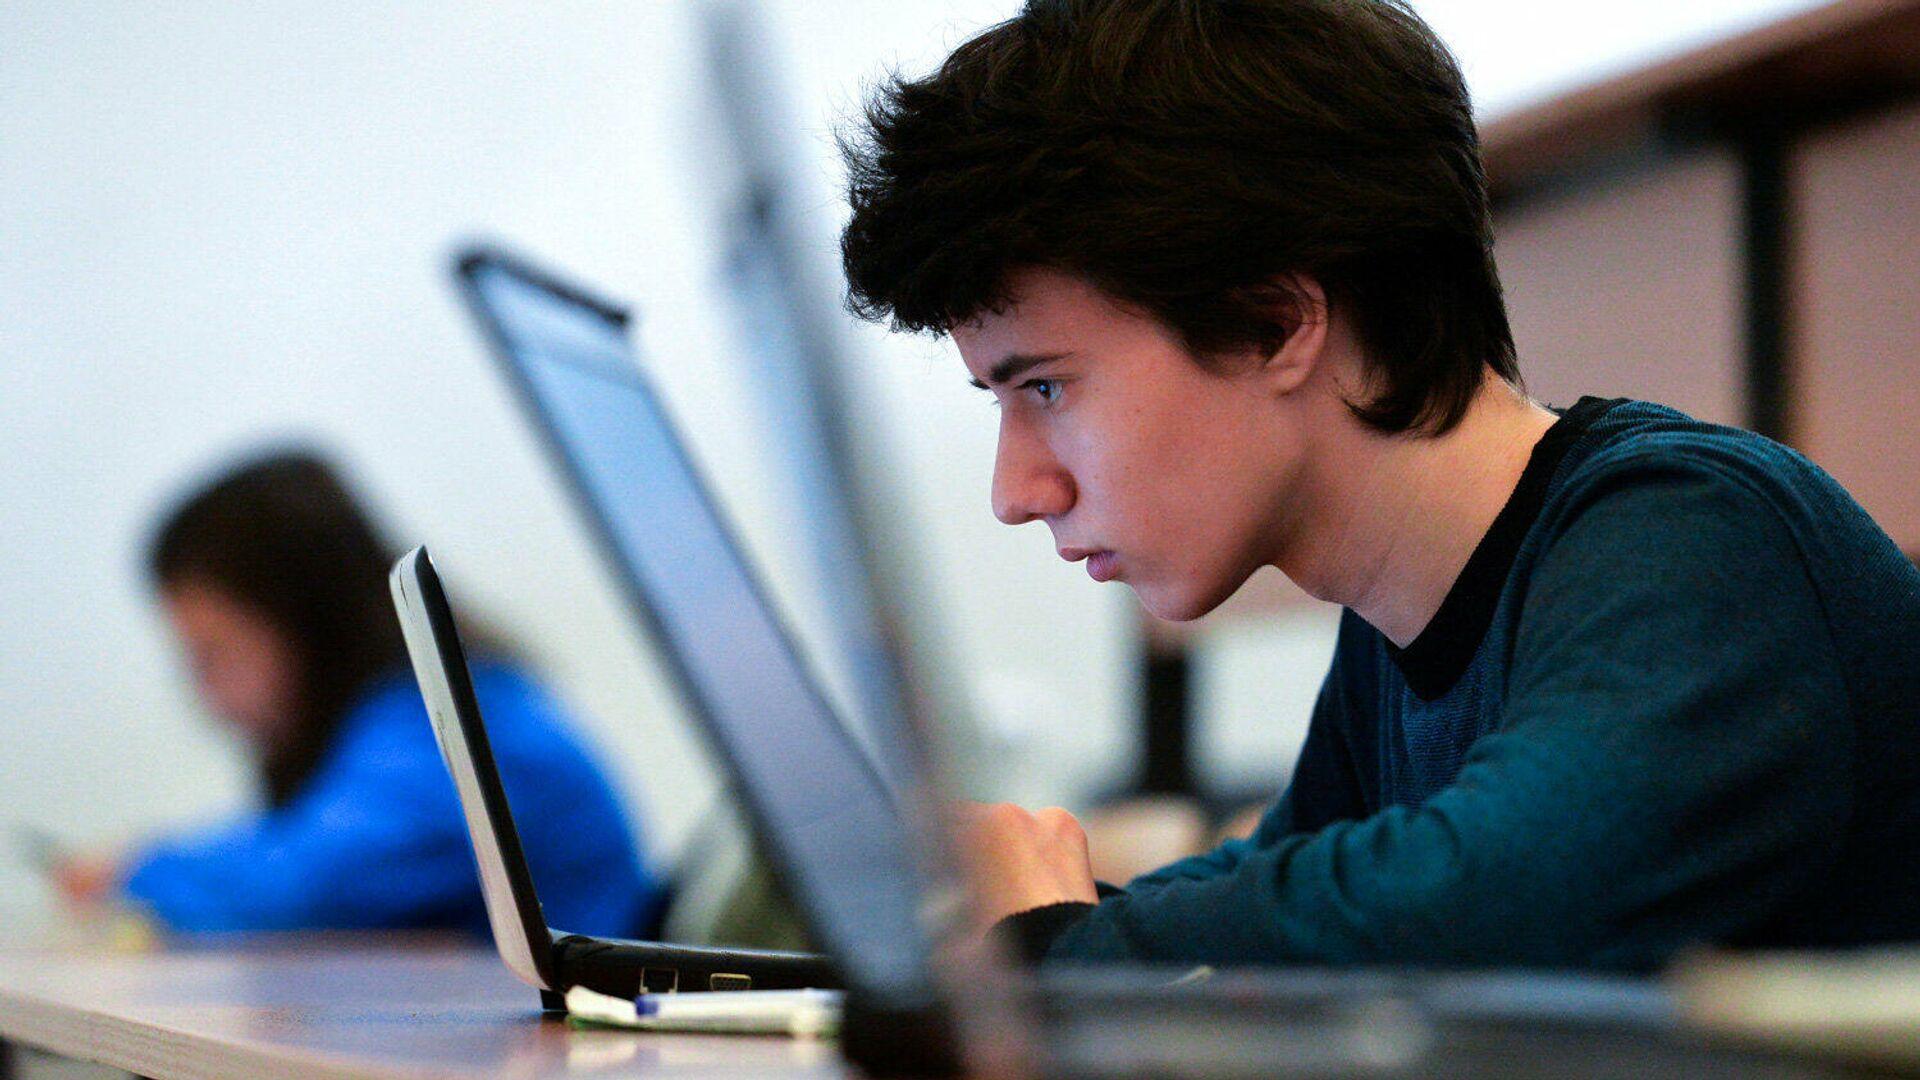 В октябре в России запустят первый онлайн-университет социальных наук - РИА Новости, 1920, 08.10.2020